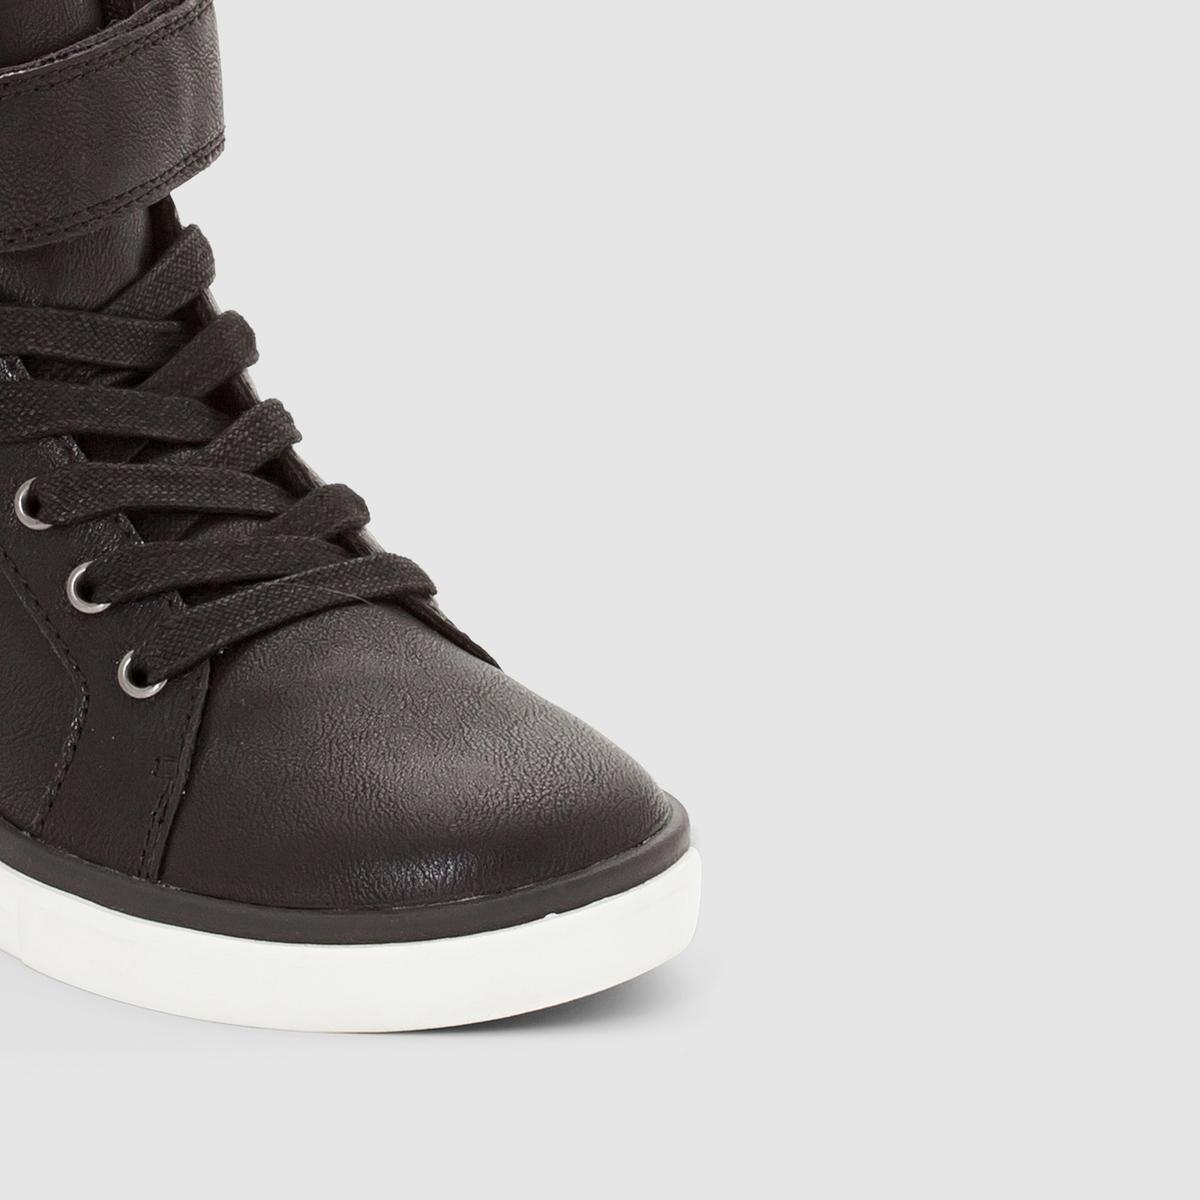 Кеды высокие на шнуровке и застежке-липучкеКеды высокие на шнуровке и застежке-липучке, abcd R .Верх: синтетика. Подкладка: текстиль.Стелька : текстиль.Подошва: эластомер.Застежка : на шнуровке и планке-велкро Красивая неотделанная кожа, большая планка-велкро и стильный дизайн : высокие кеды, которые выглядят современно !<br><br>Цвет: черный<br>Размер: 26.27.31